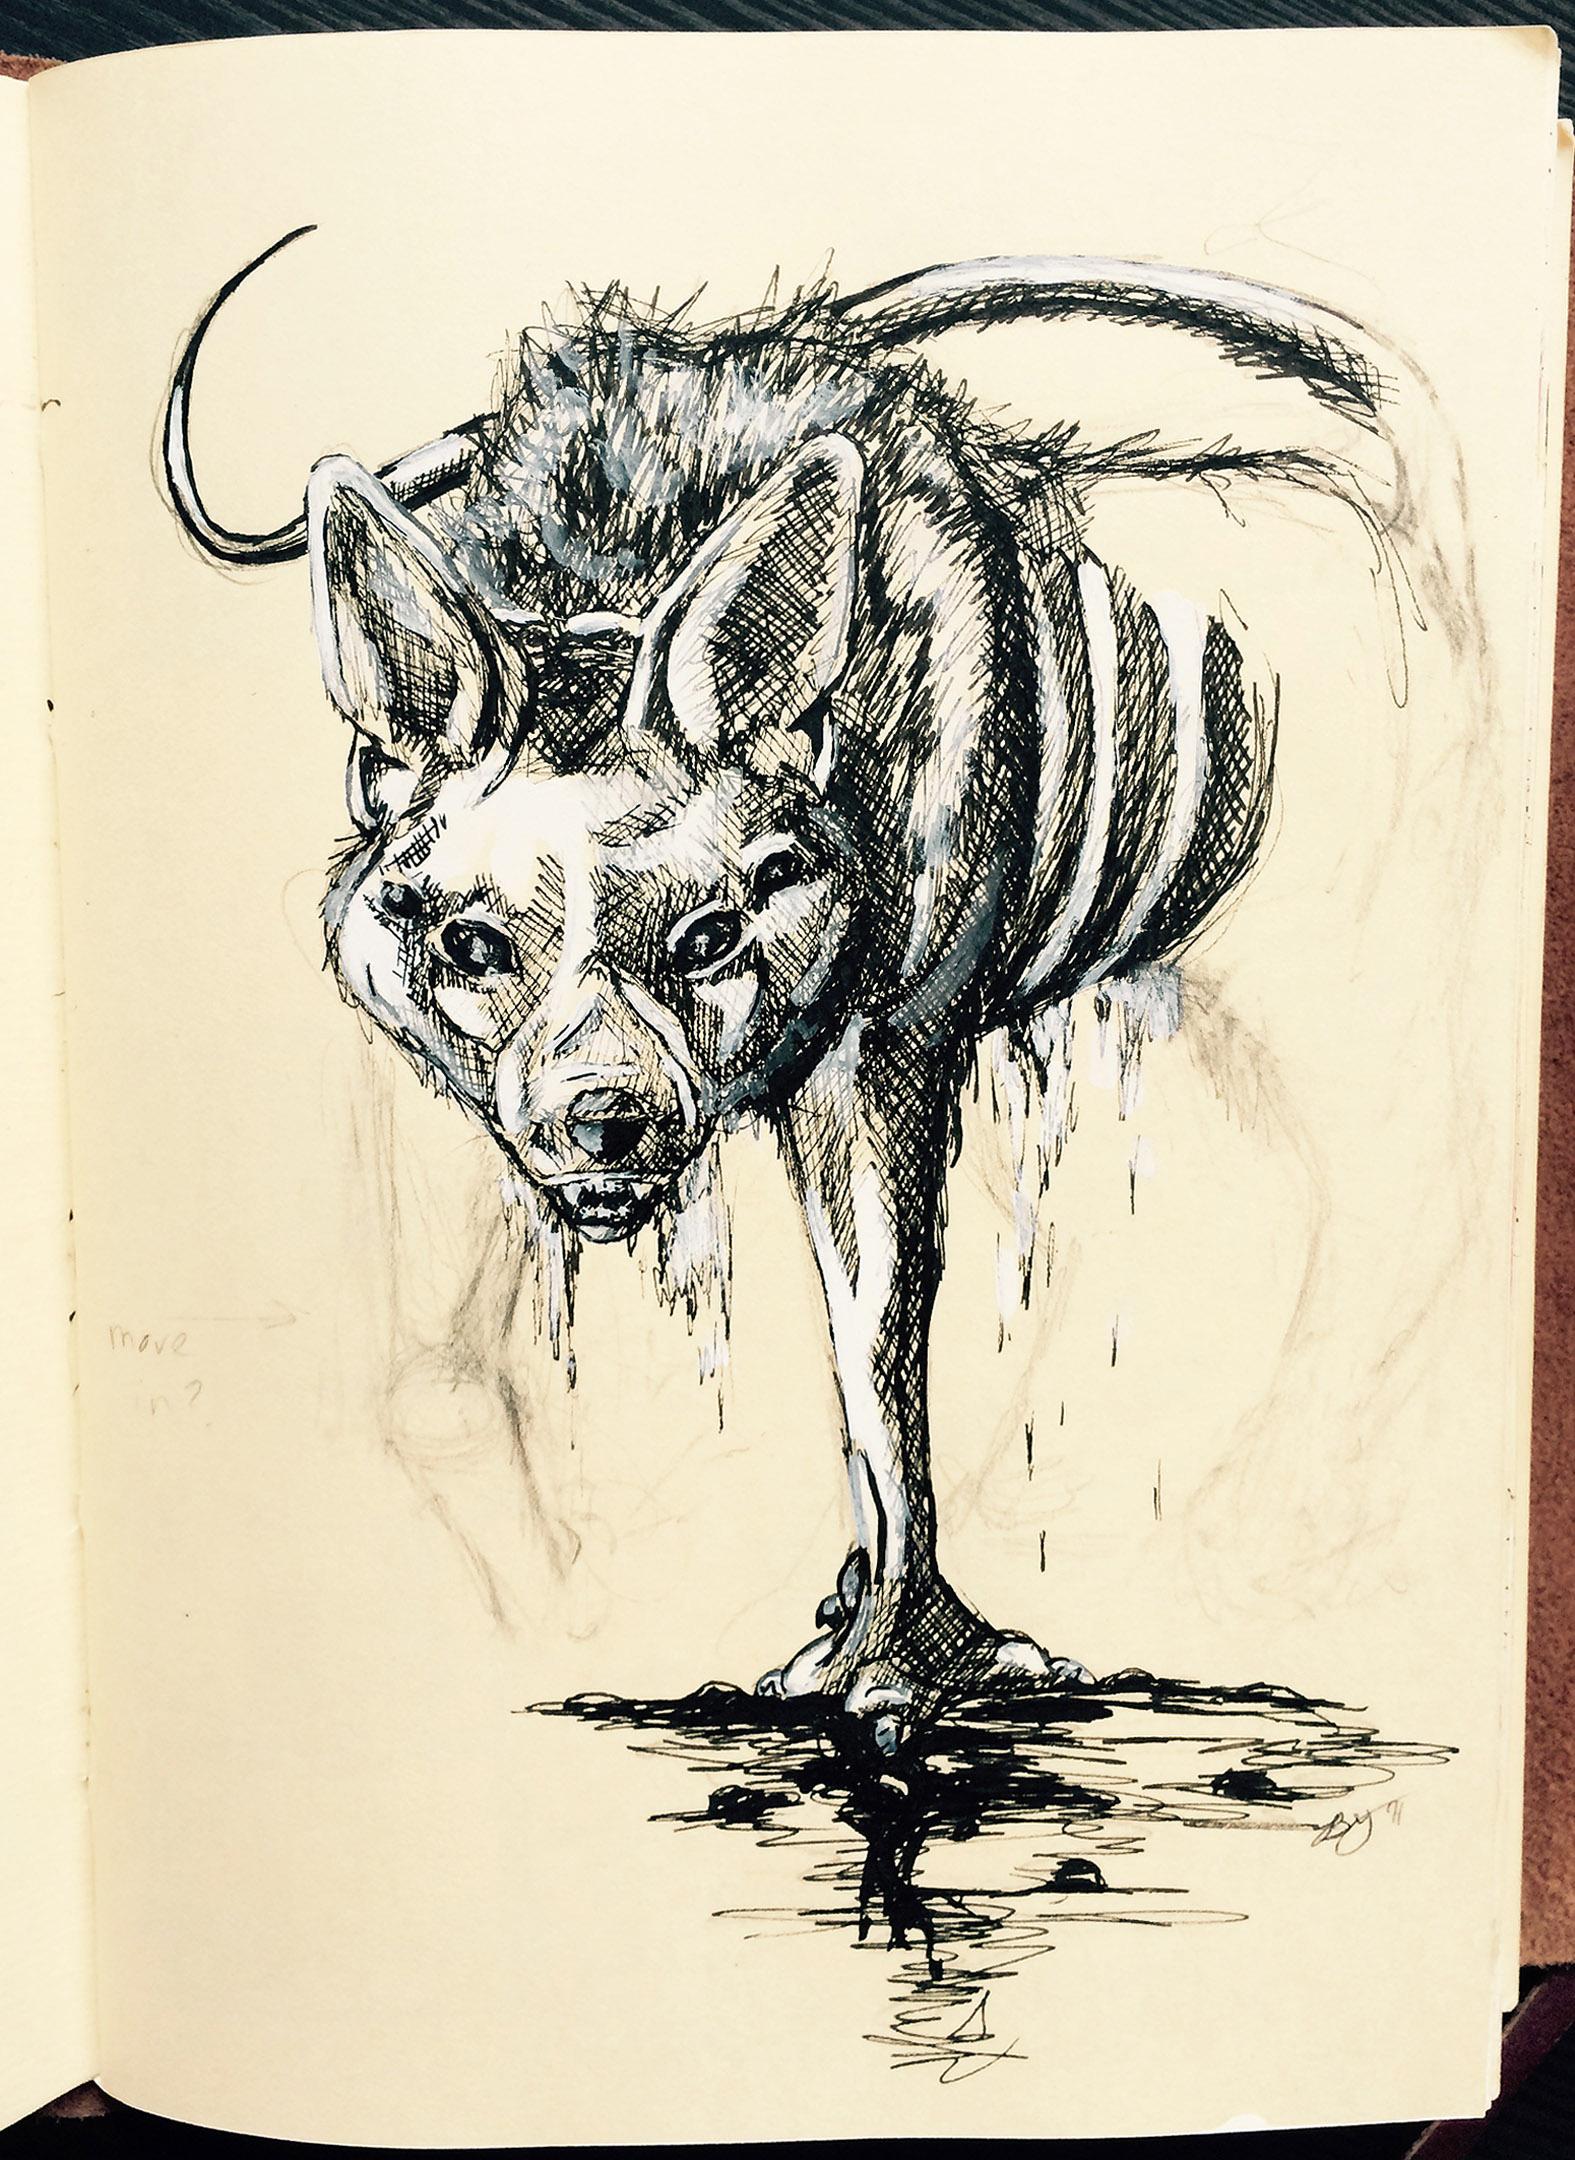 Jackal Creature